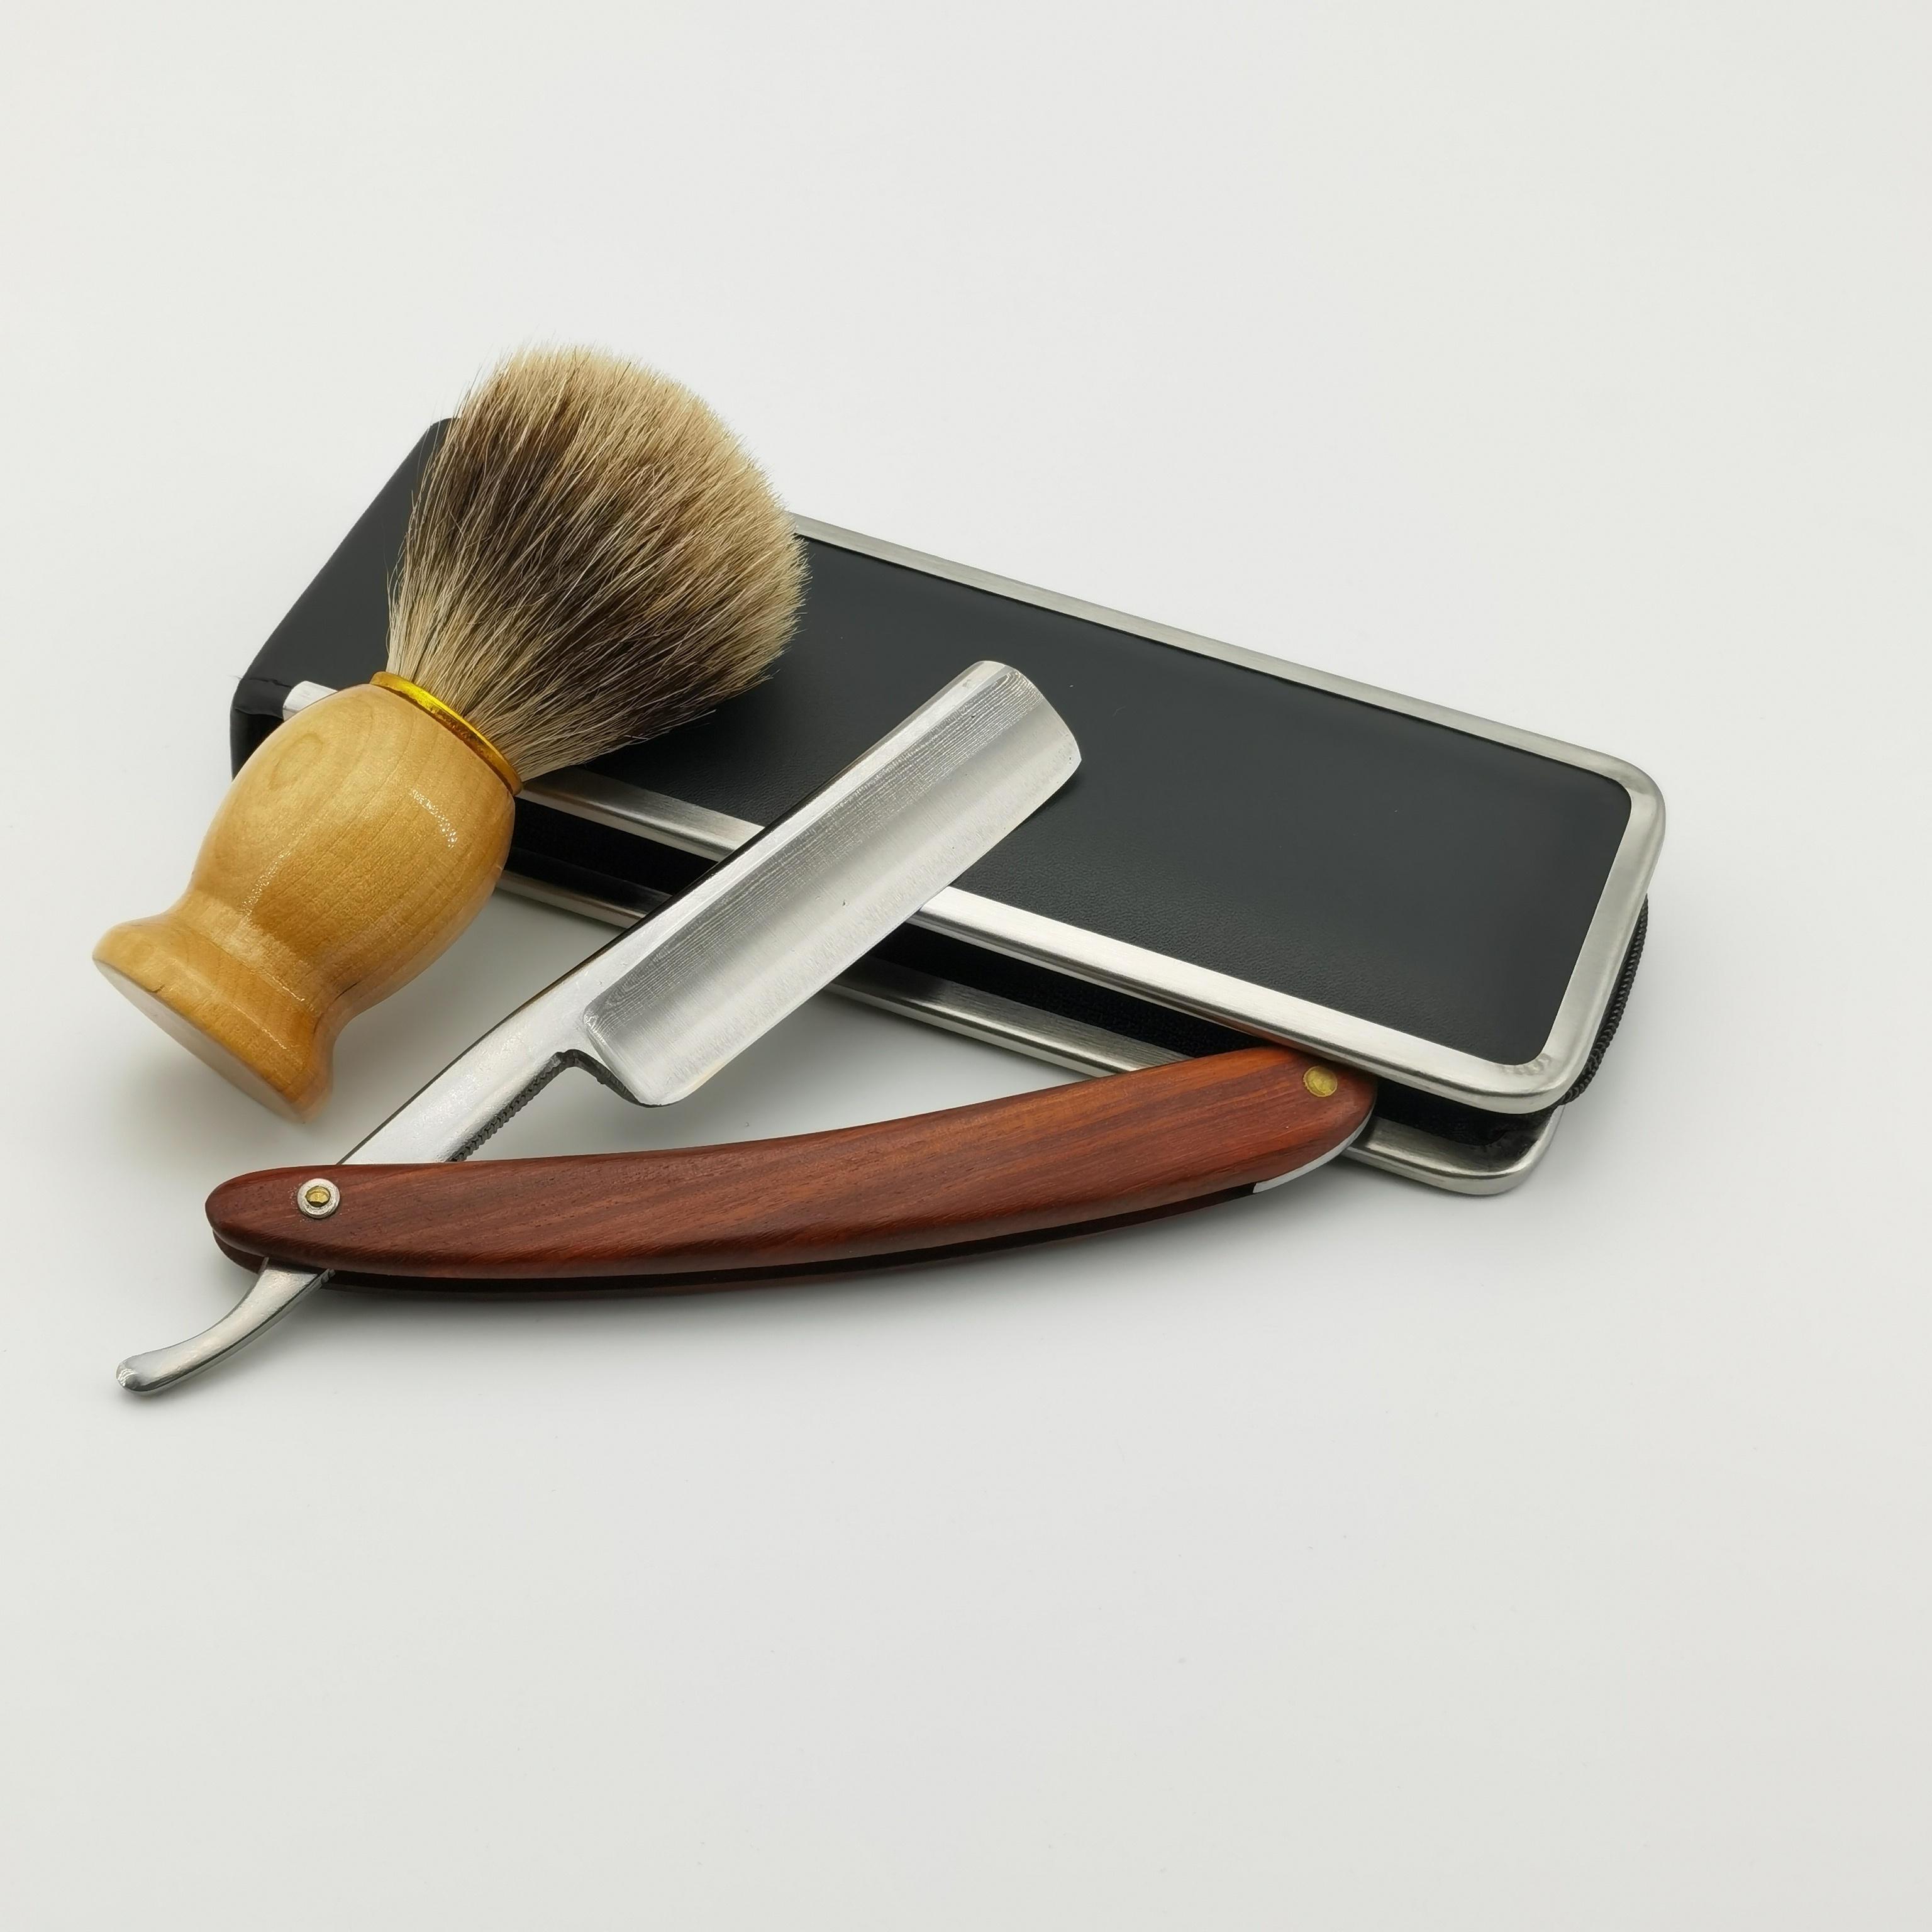 lamina de barbear alca de barbear navalha feita a mao punho de madeira faca de barbear